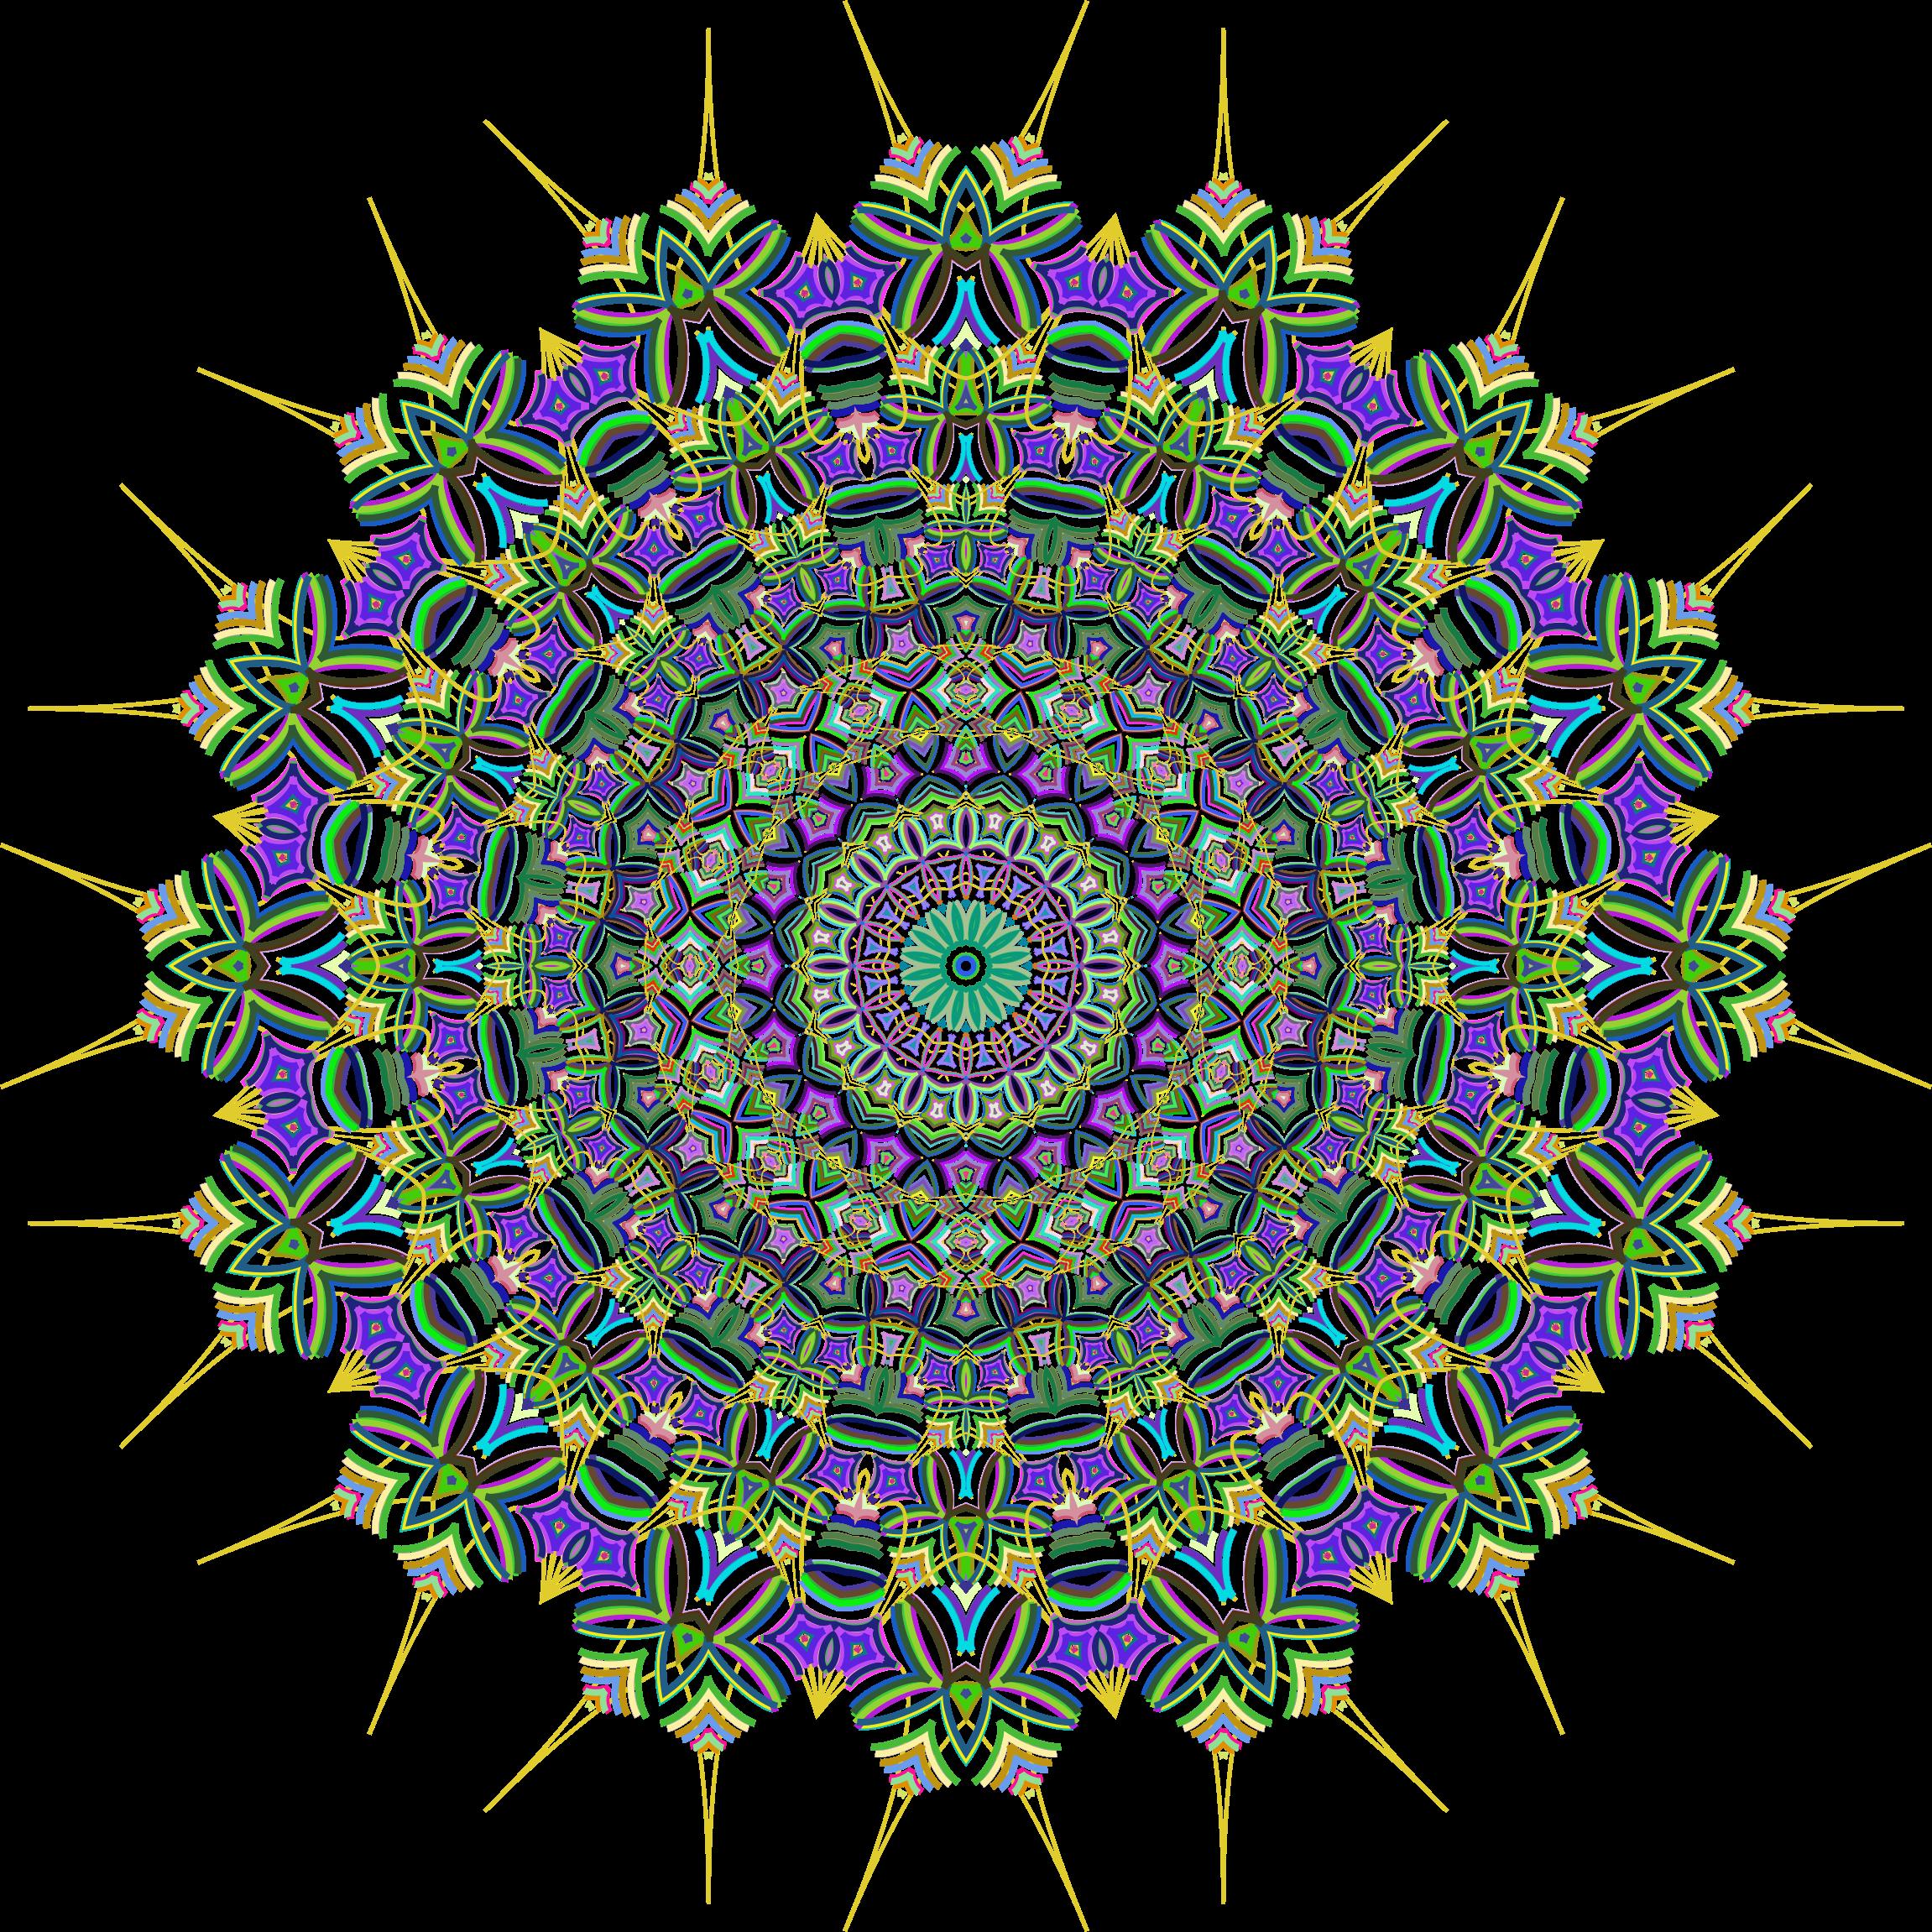 Line Art No Background : Clipart prismatic mandala line art no background